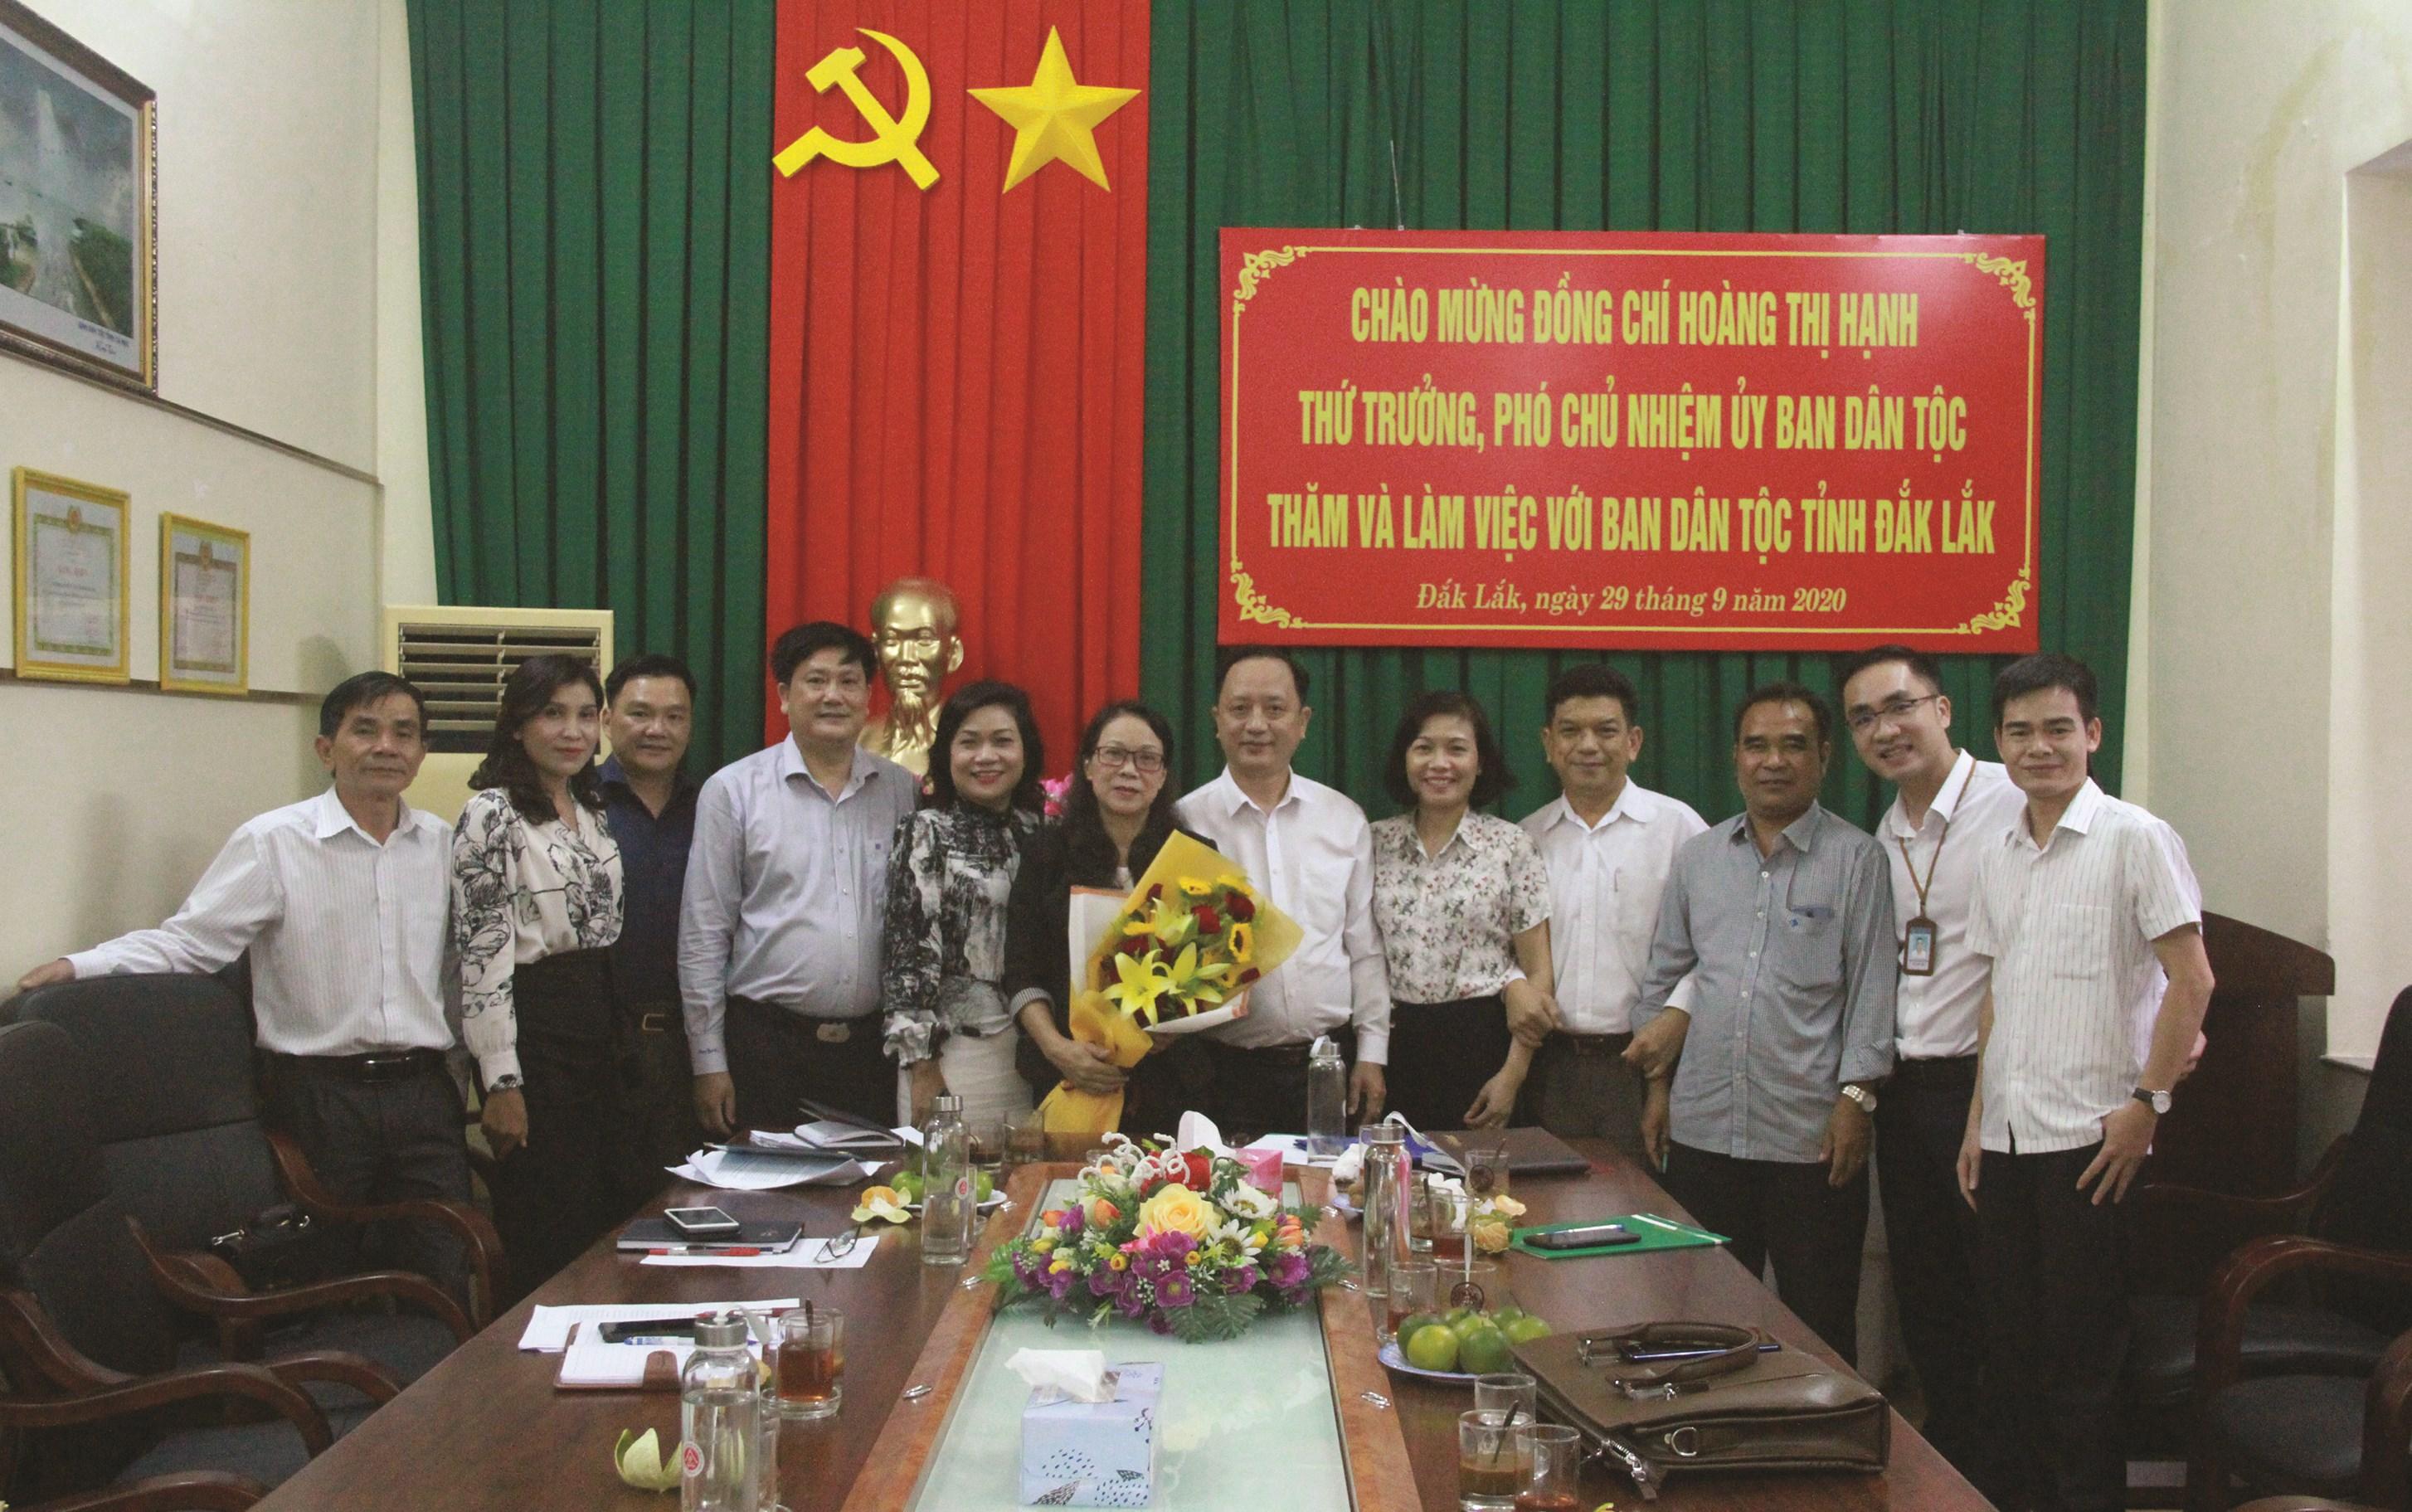 Thứ trưởng, Phó Chủ nhiệm UBDT Hoàng Thị Hạnh chụp hình lưu niệm cùng lãnh đạo, cán bộ Ban Dân tộc